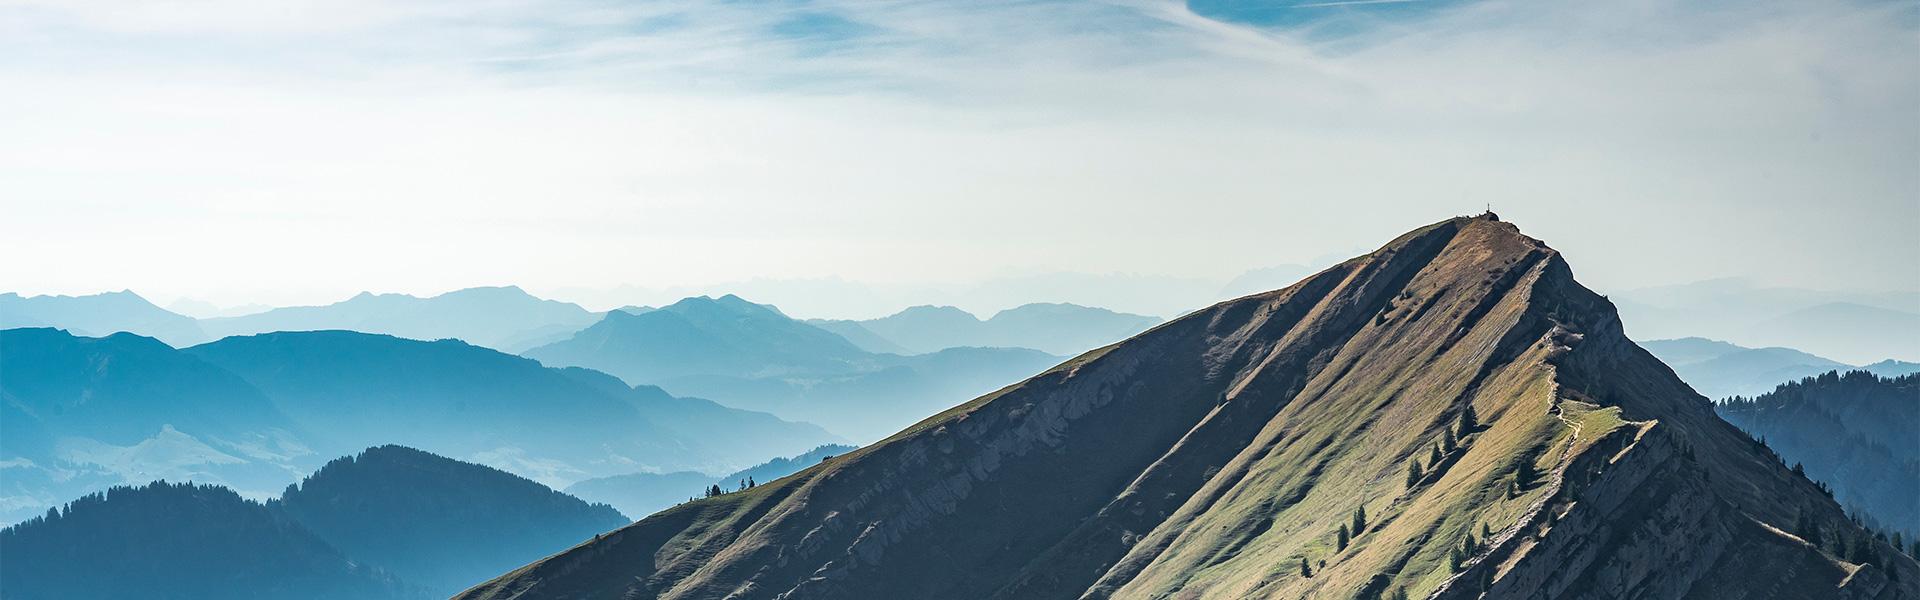 Panorama Bild